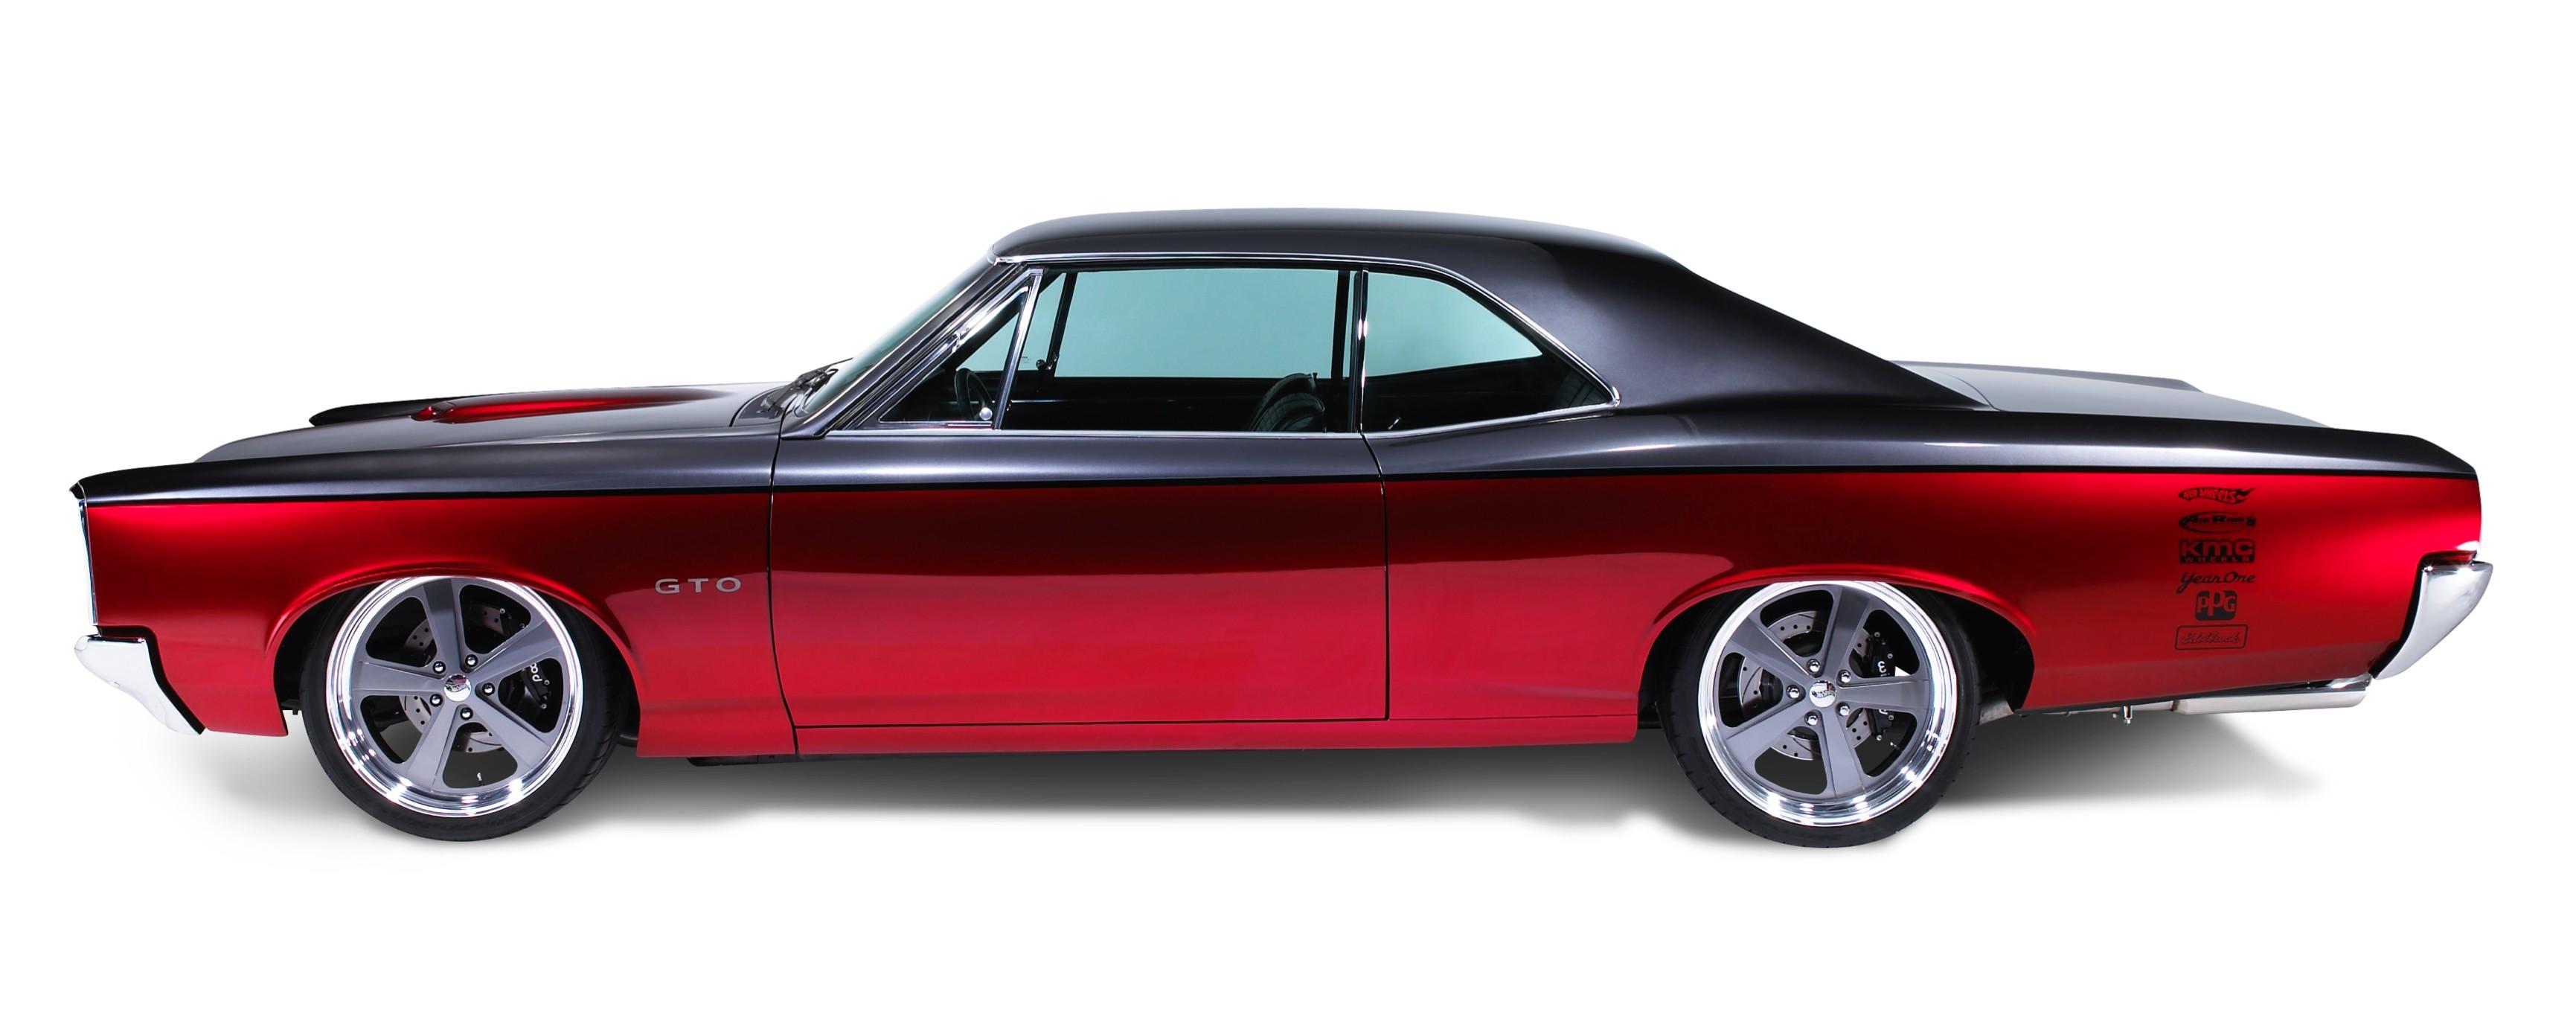 Hot Wheels Pontiac GTO (Foto: Divulgação)